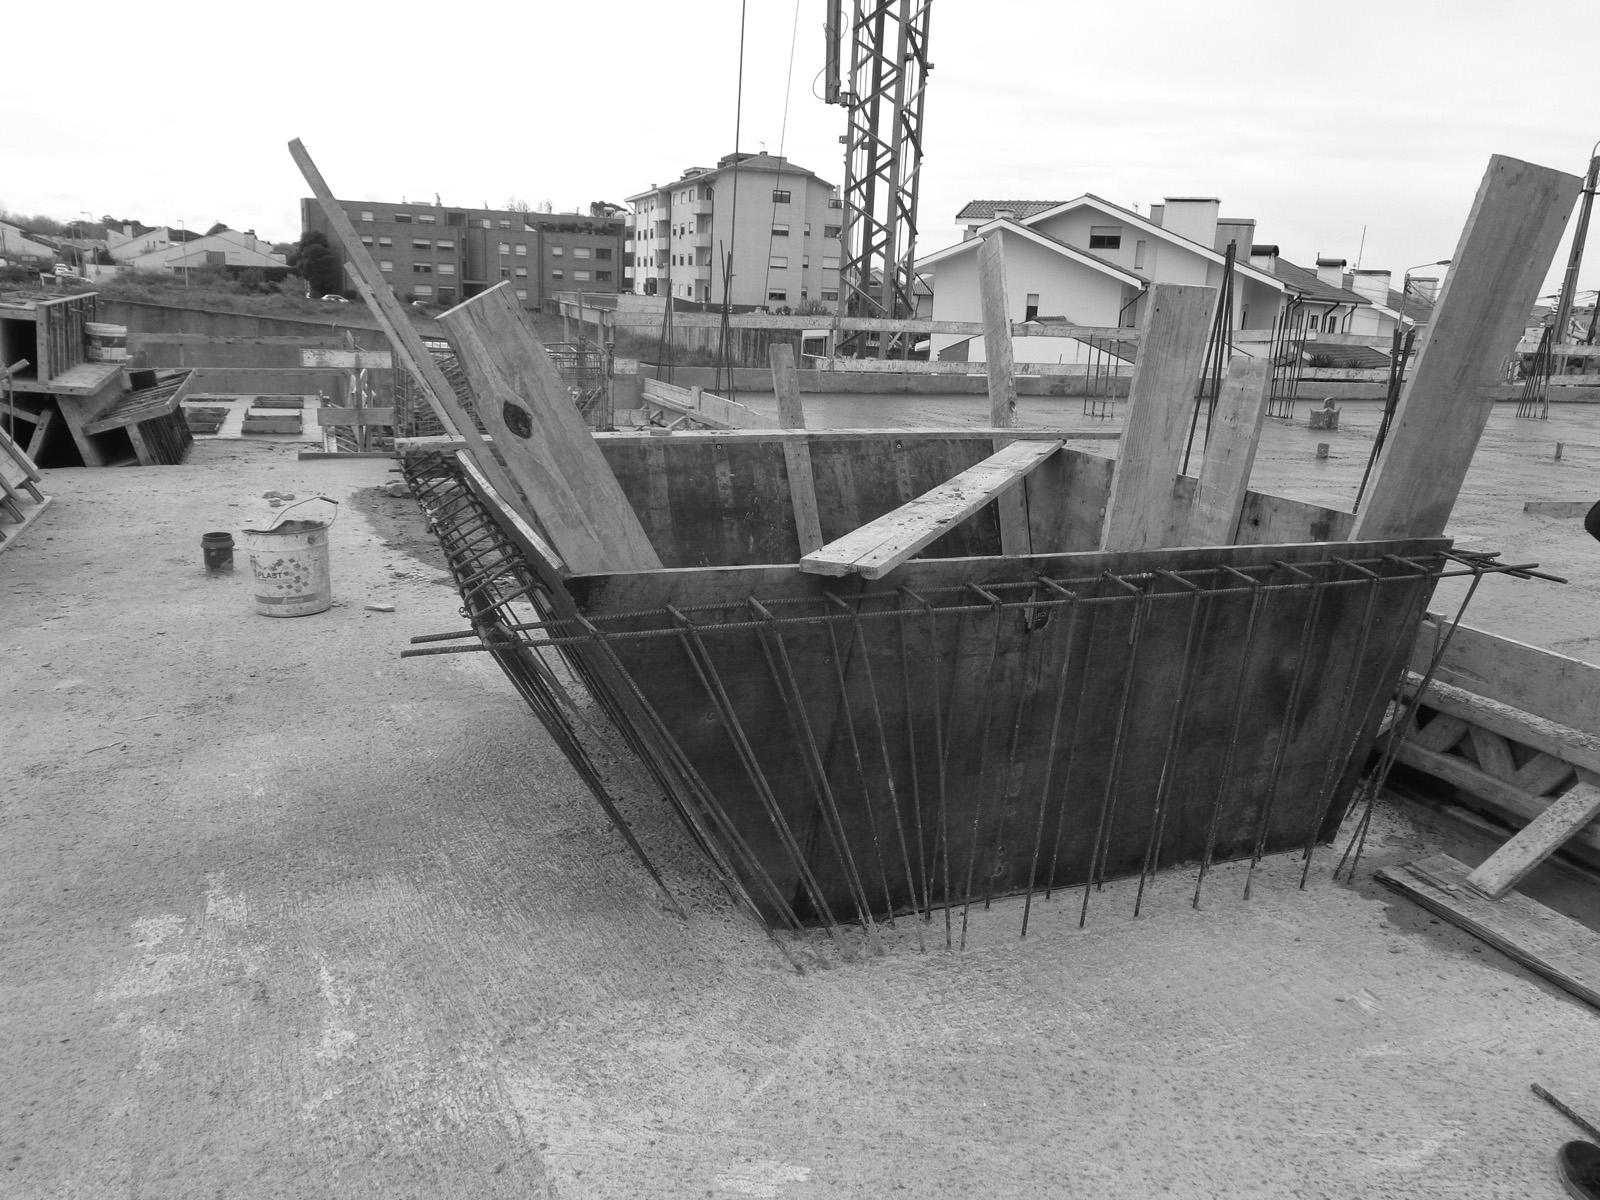 Moradia Alfazema - EVA evolutionary architecture - arquitectos Porto (13).jpg